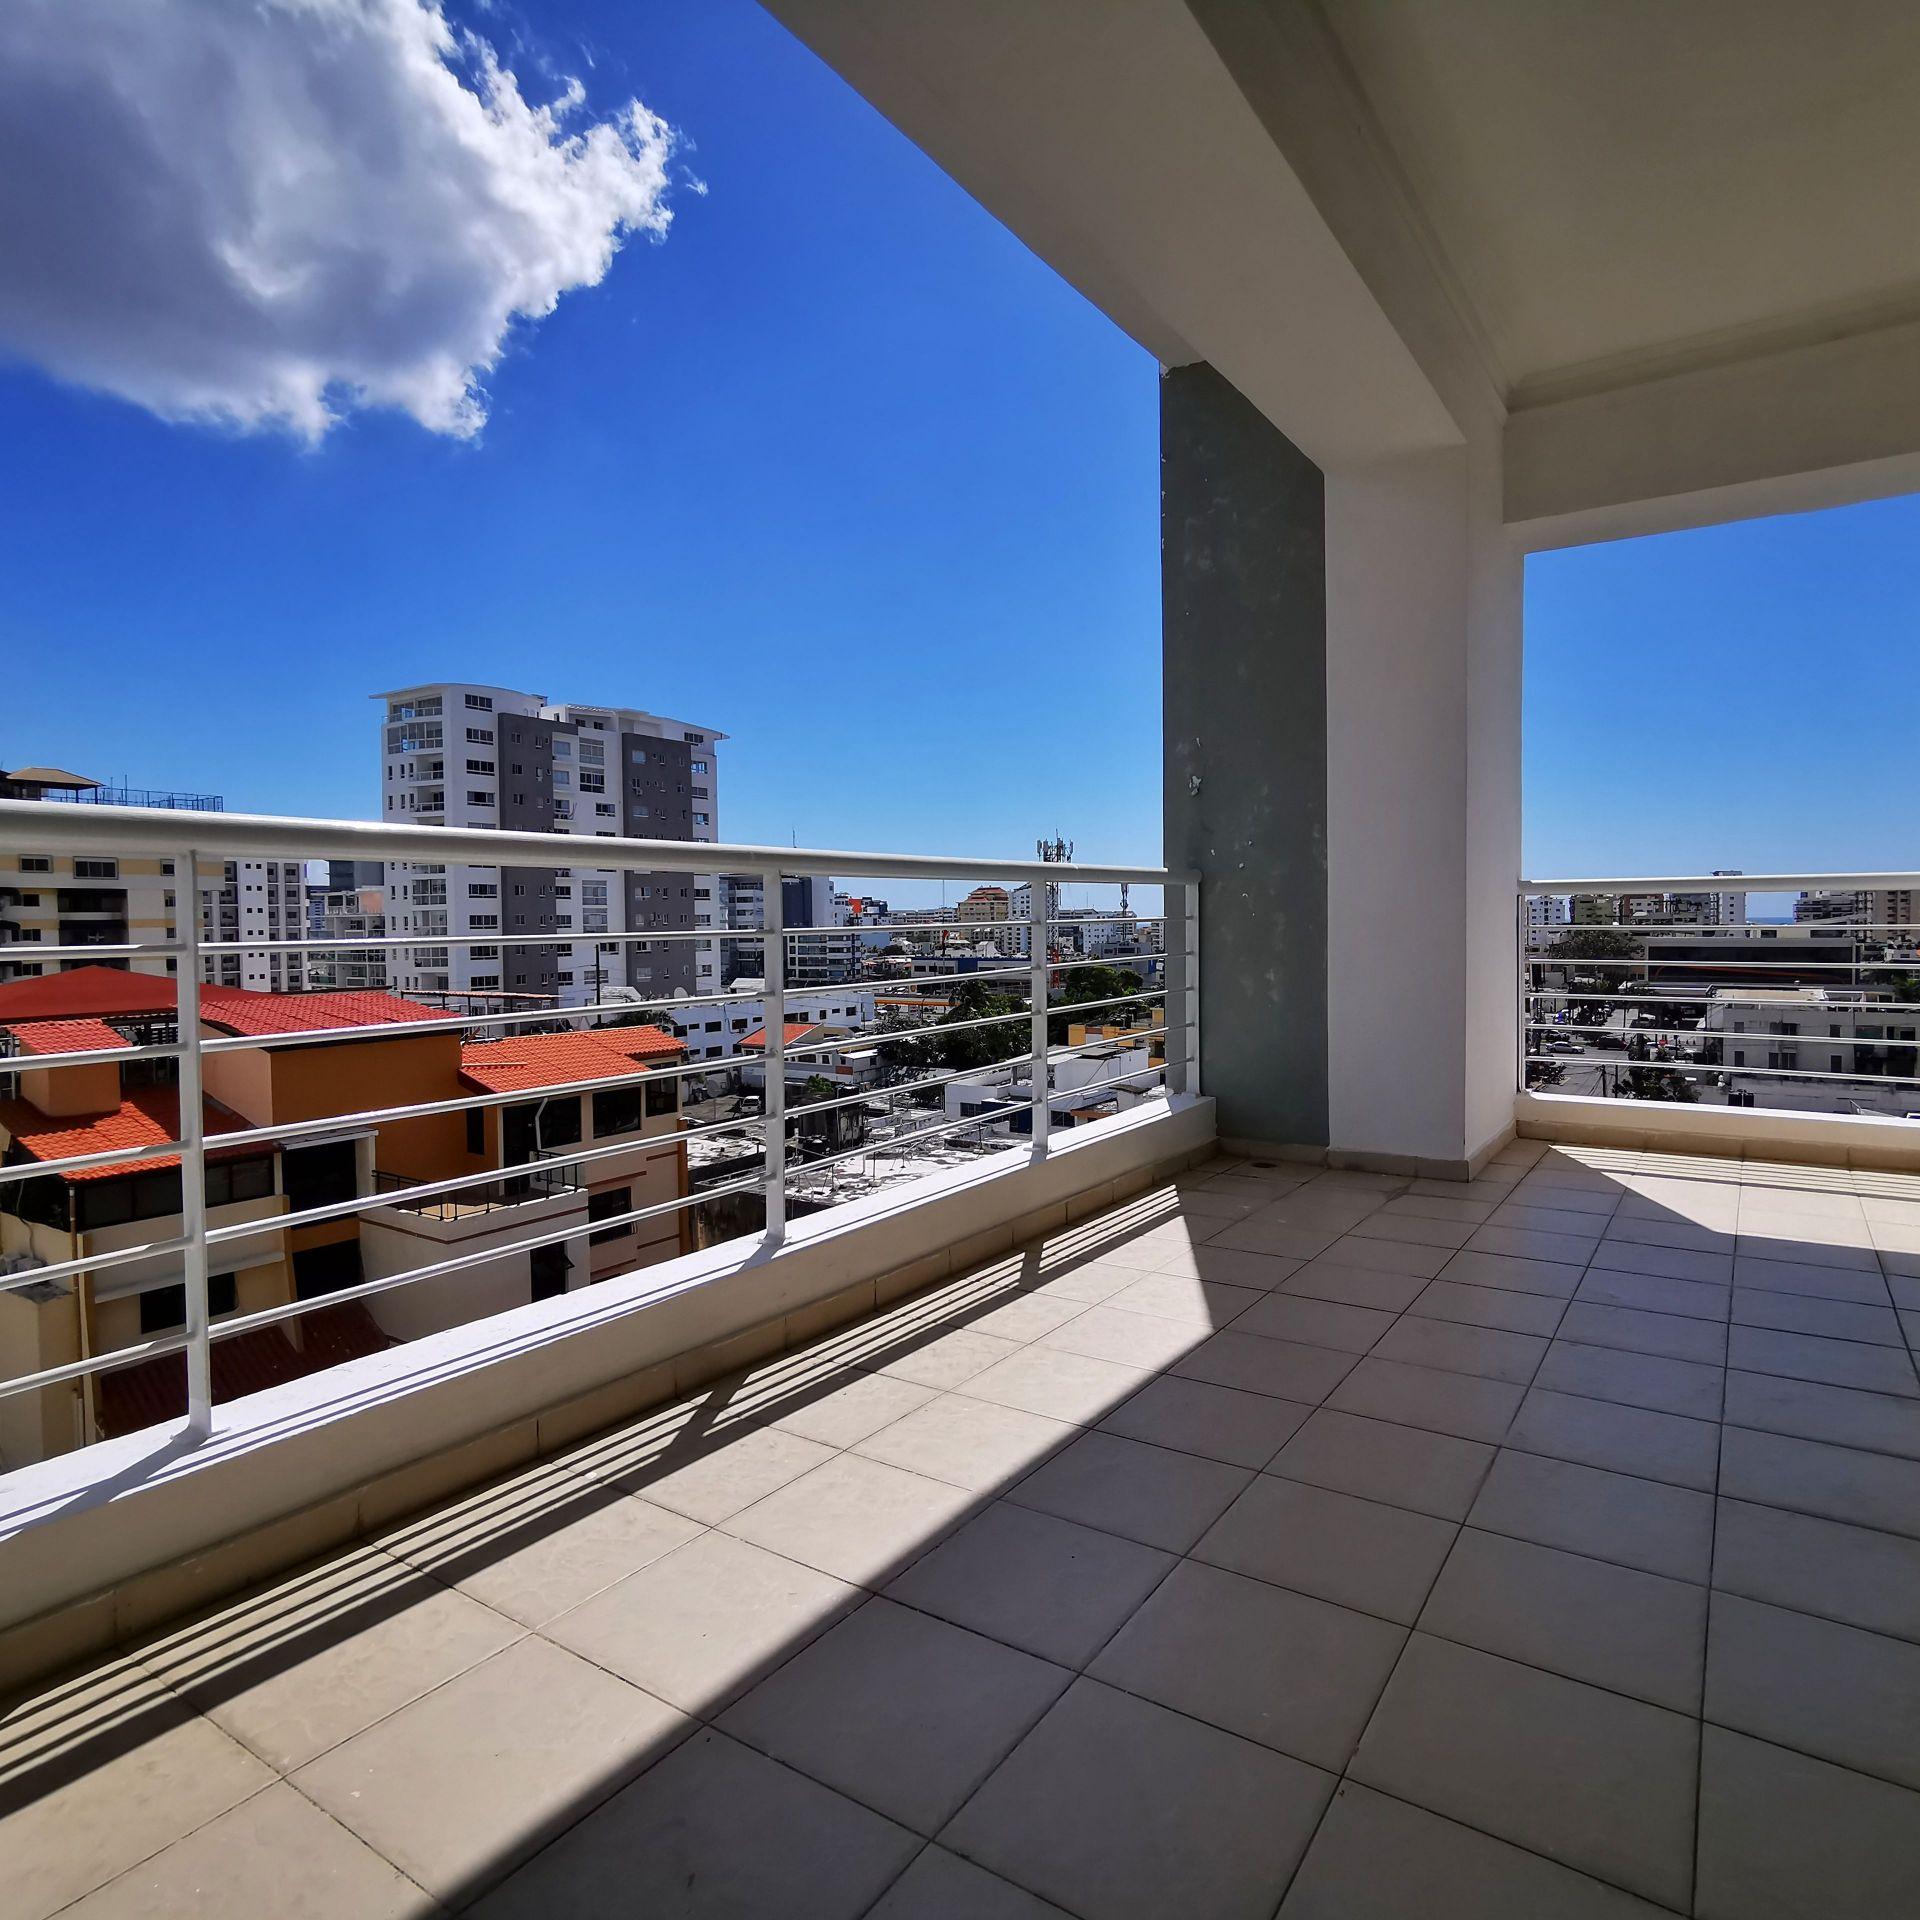 Apartamento en venta, Evaristo Morales, 3 habitaciones c/u con baño y walk-in closet